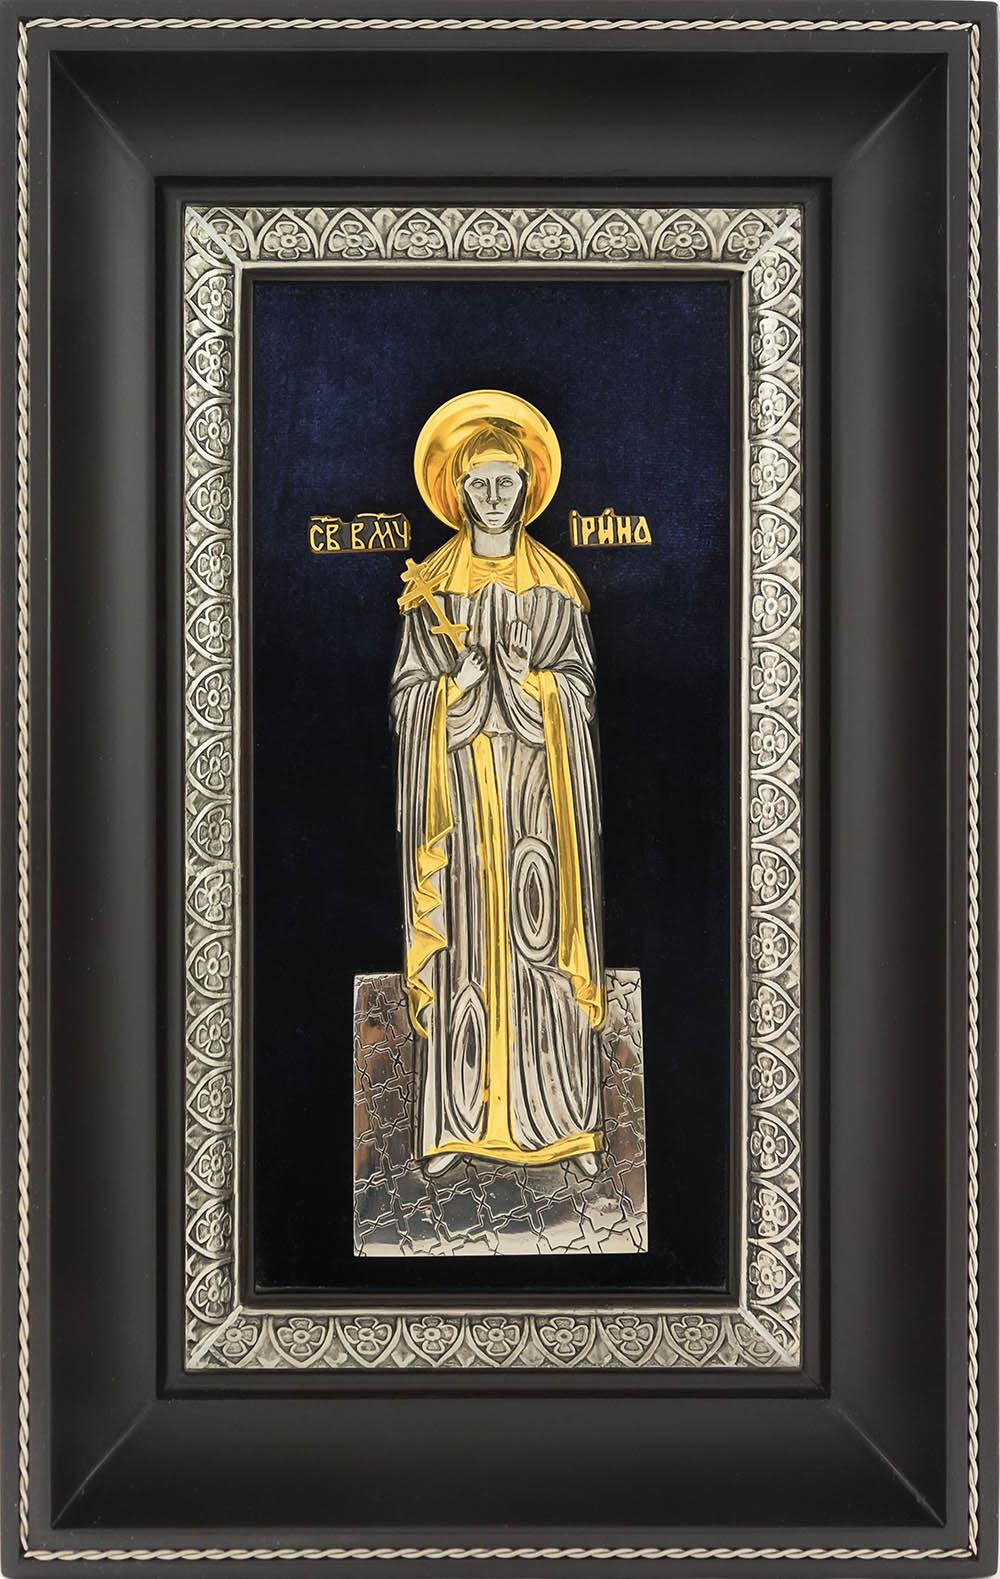 фото икона святой великомученицы Ирины Македонской гальванопластика золото серебро деревянная рамка бархат